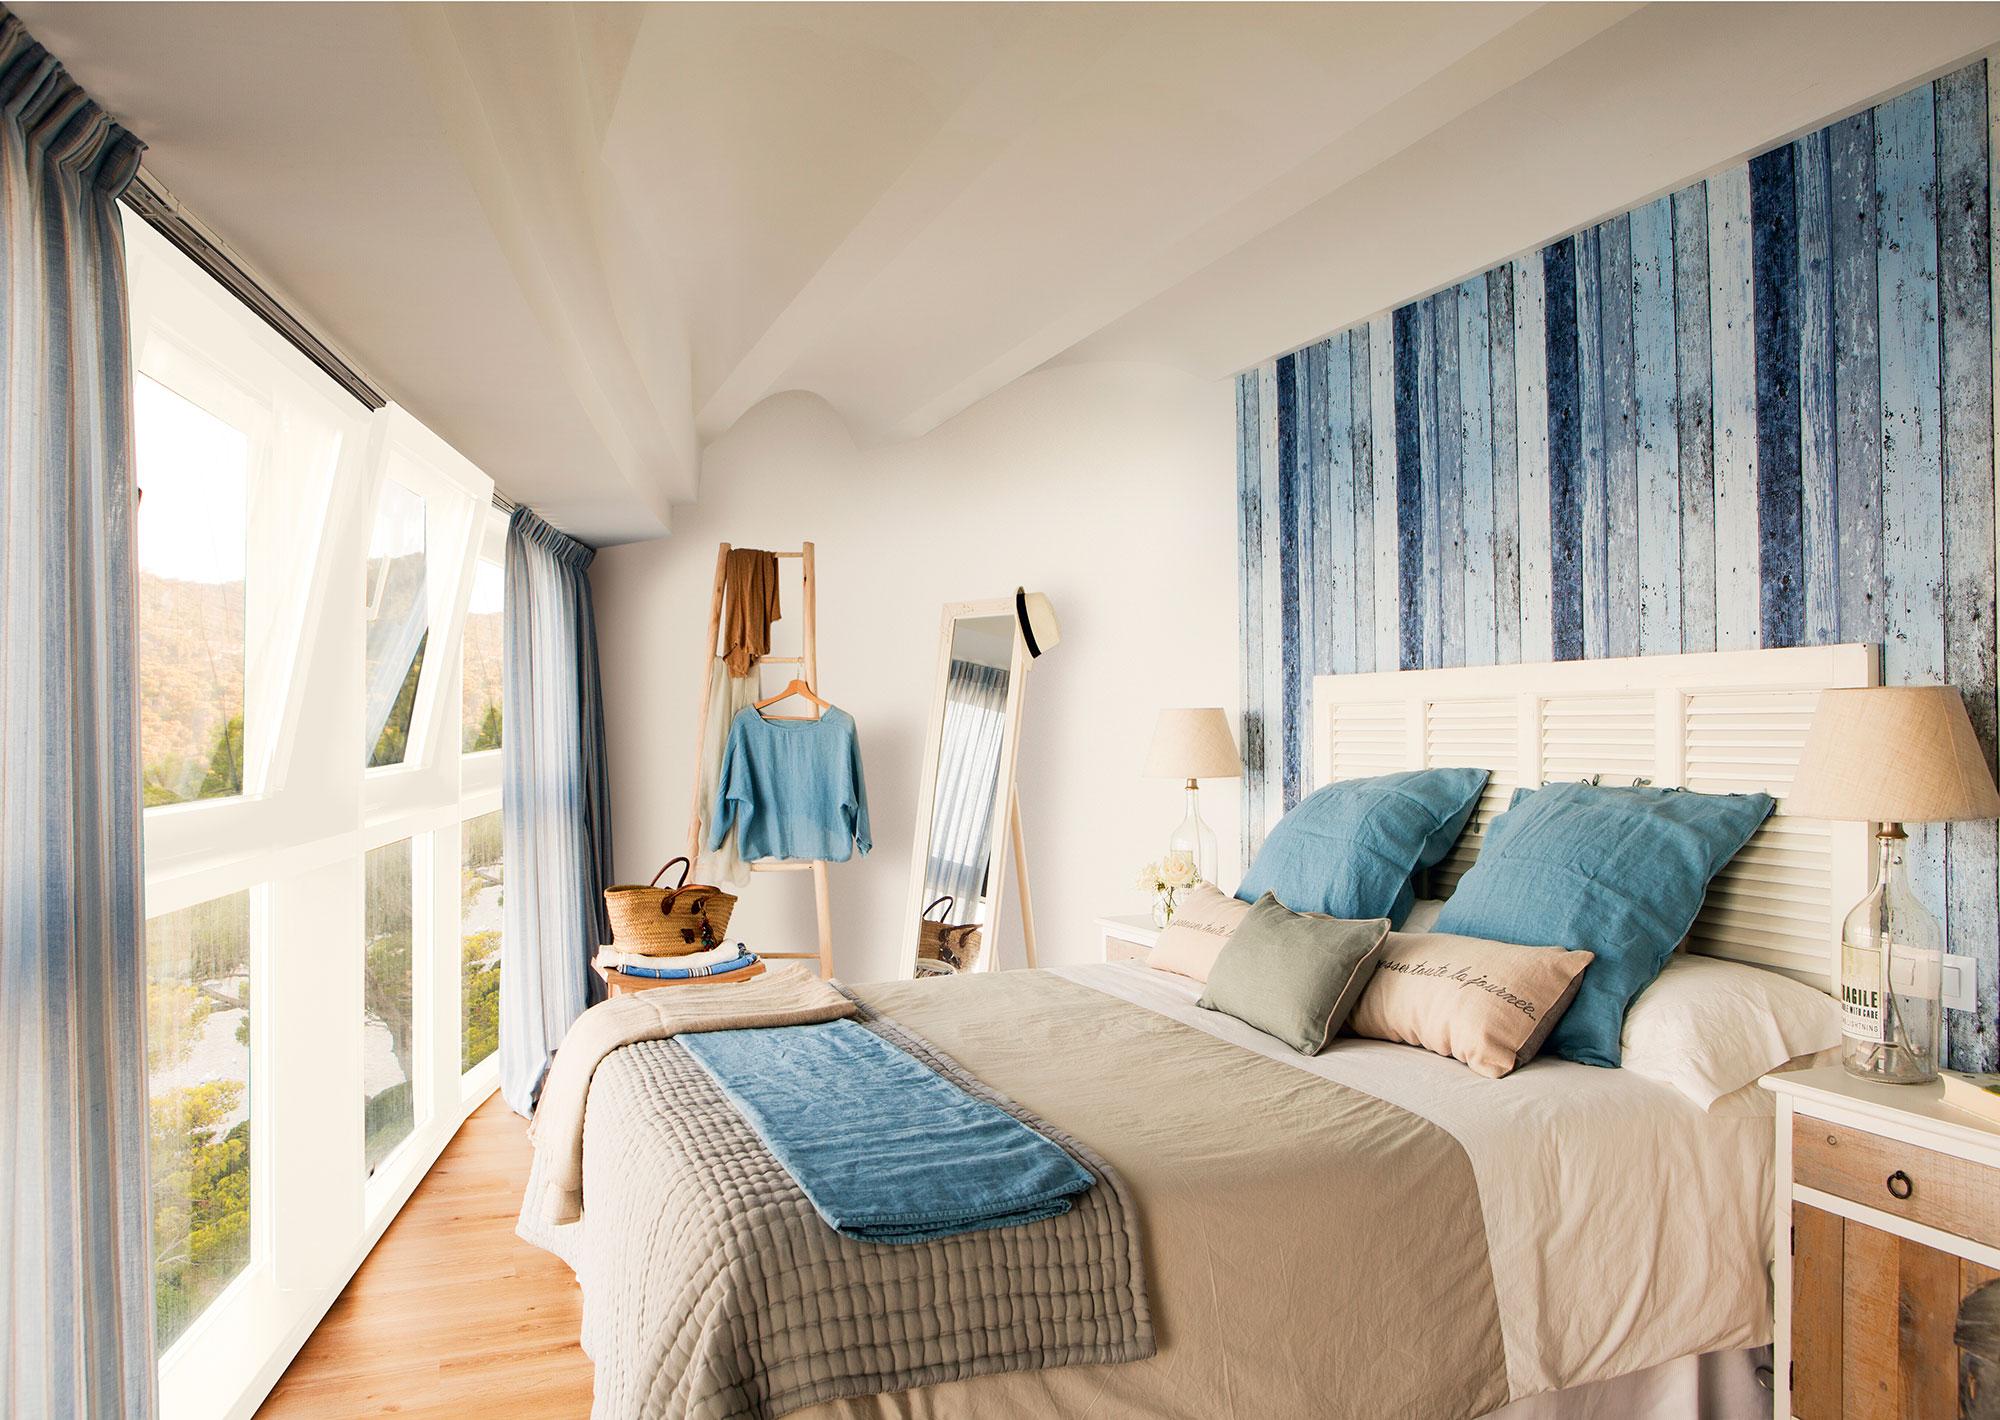 16 trucos para decorar tu dormitorio y dormir mejor for Segun feng shui donde mejor poner cama